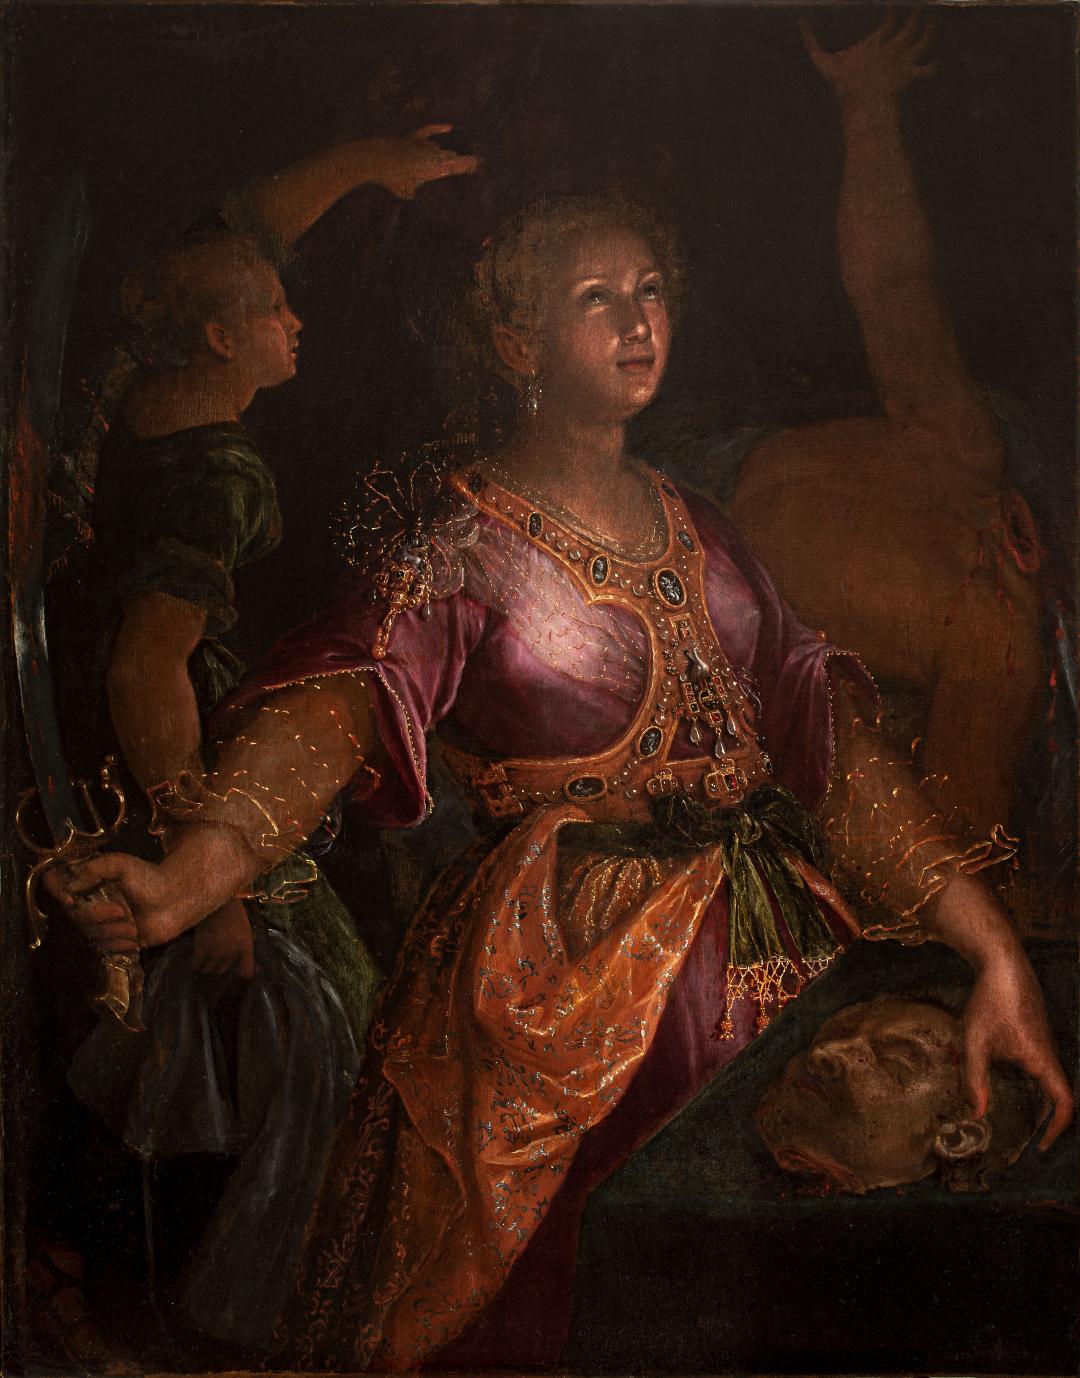 Lavinia-Fontana-Judith-and-Holofernes-Lavinia-Fontana-Oil-on-canvas-c.-1595-Bologna-Fondazione-di-culto-e-religione-Ritiro-San-Pellegrino-1080x1378.j…